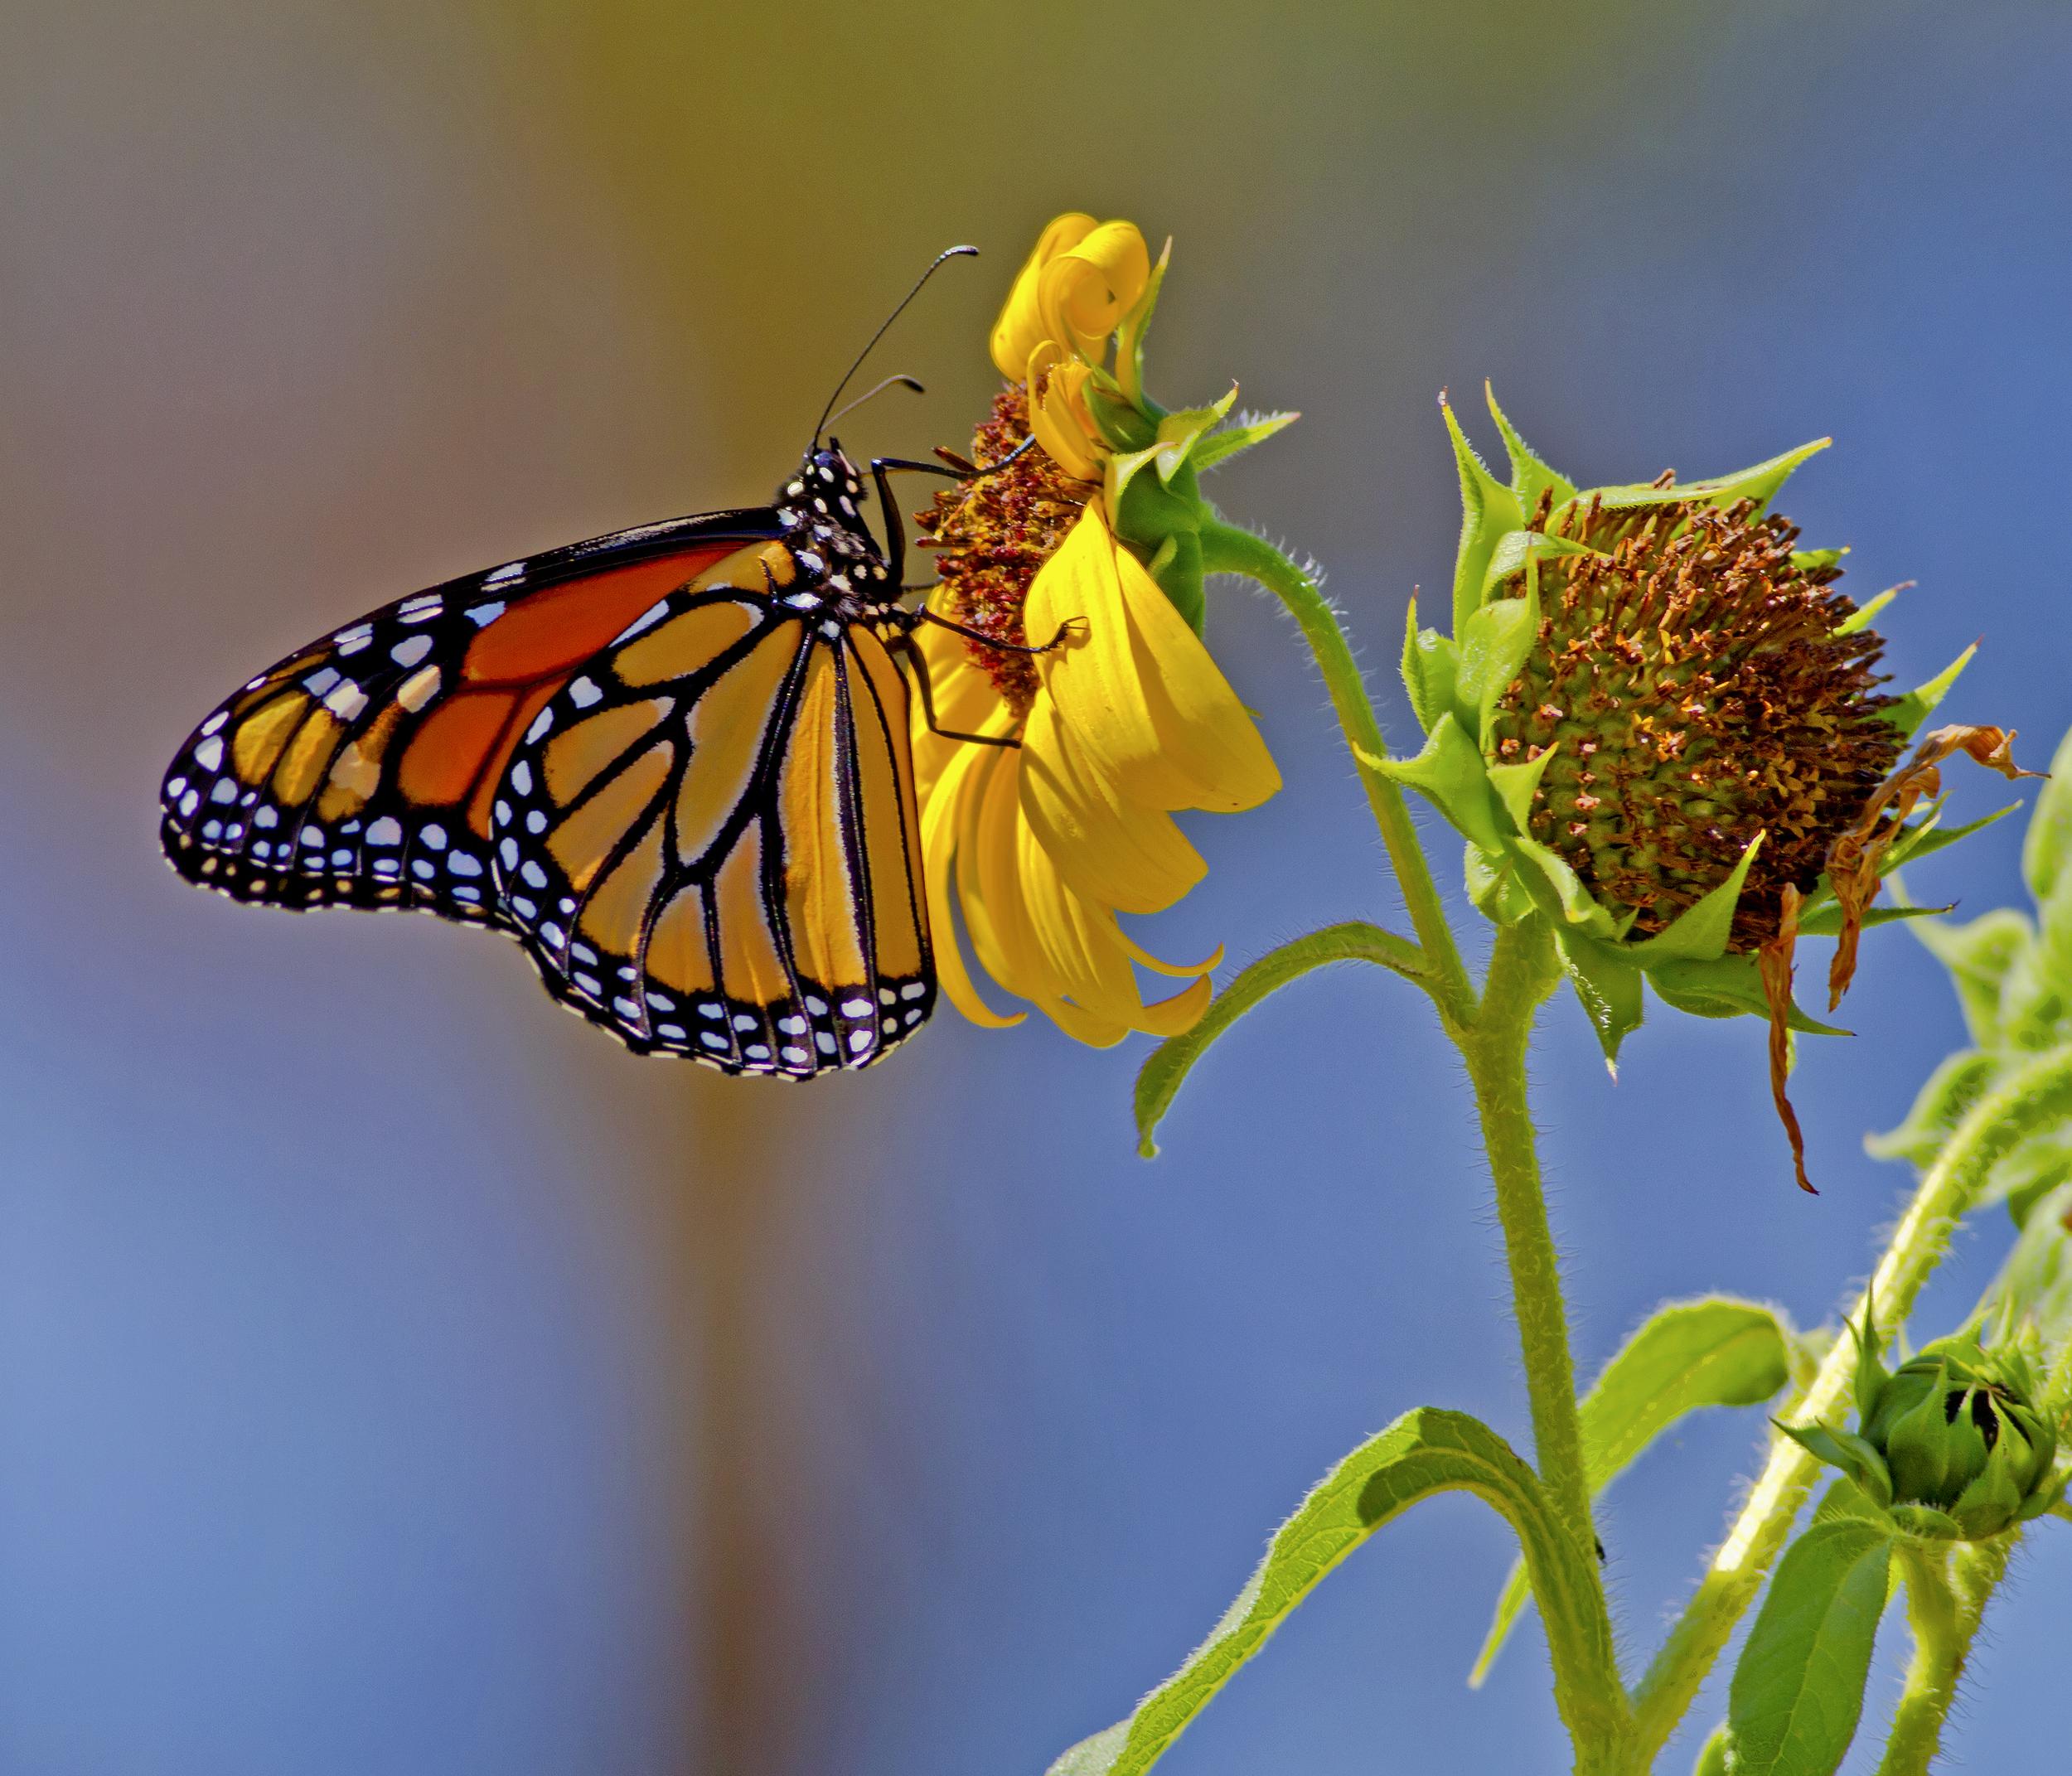 141 - Butterfly